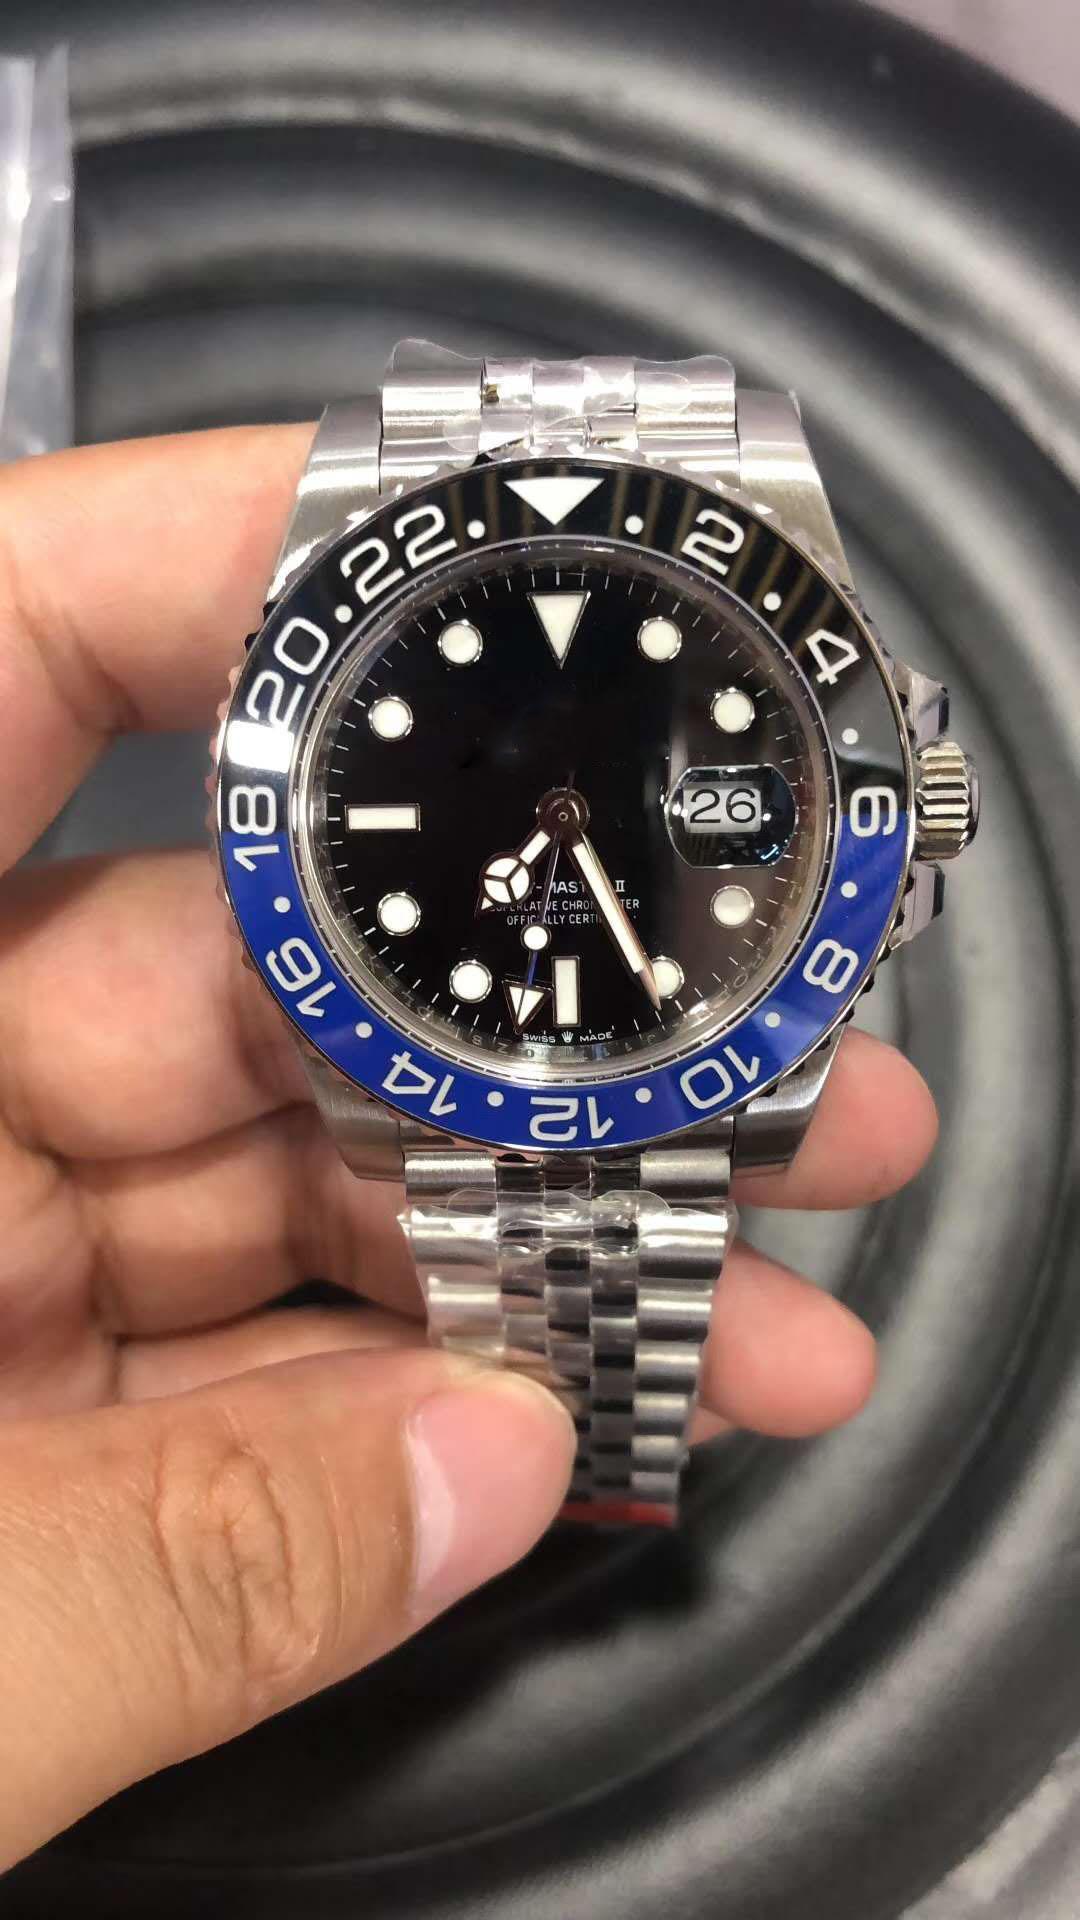 Mens Qualität BP neueste Version 126710 GMT Schwarzes Zifferblatt mit Keramik-Lünette Basel Asien 2813 mechanische Automatik 40mm Mens genf Uhren